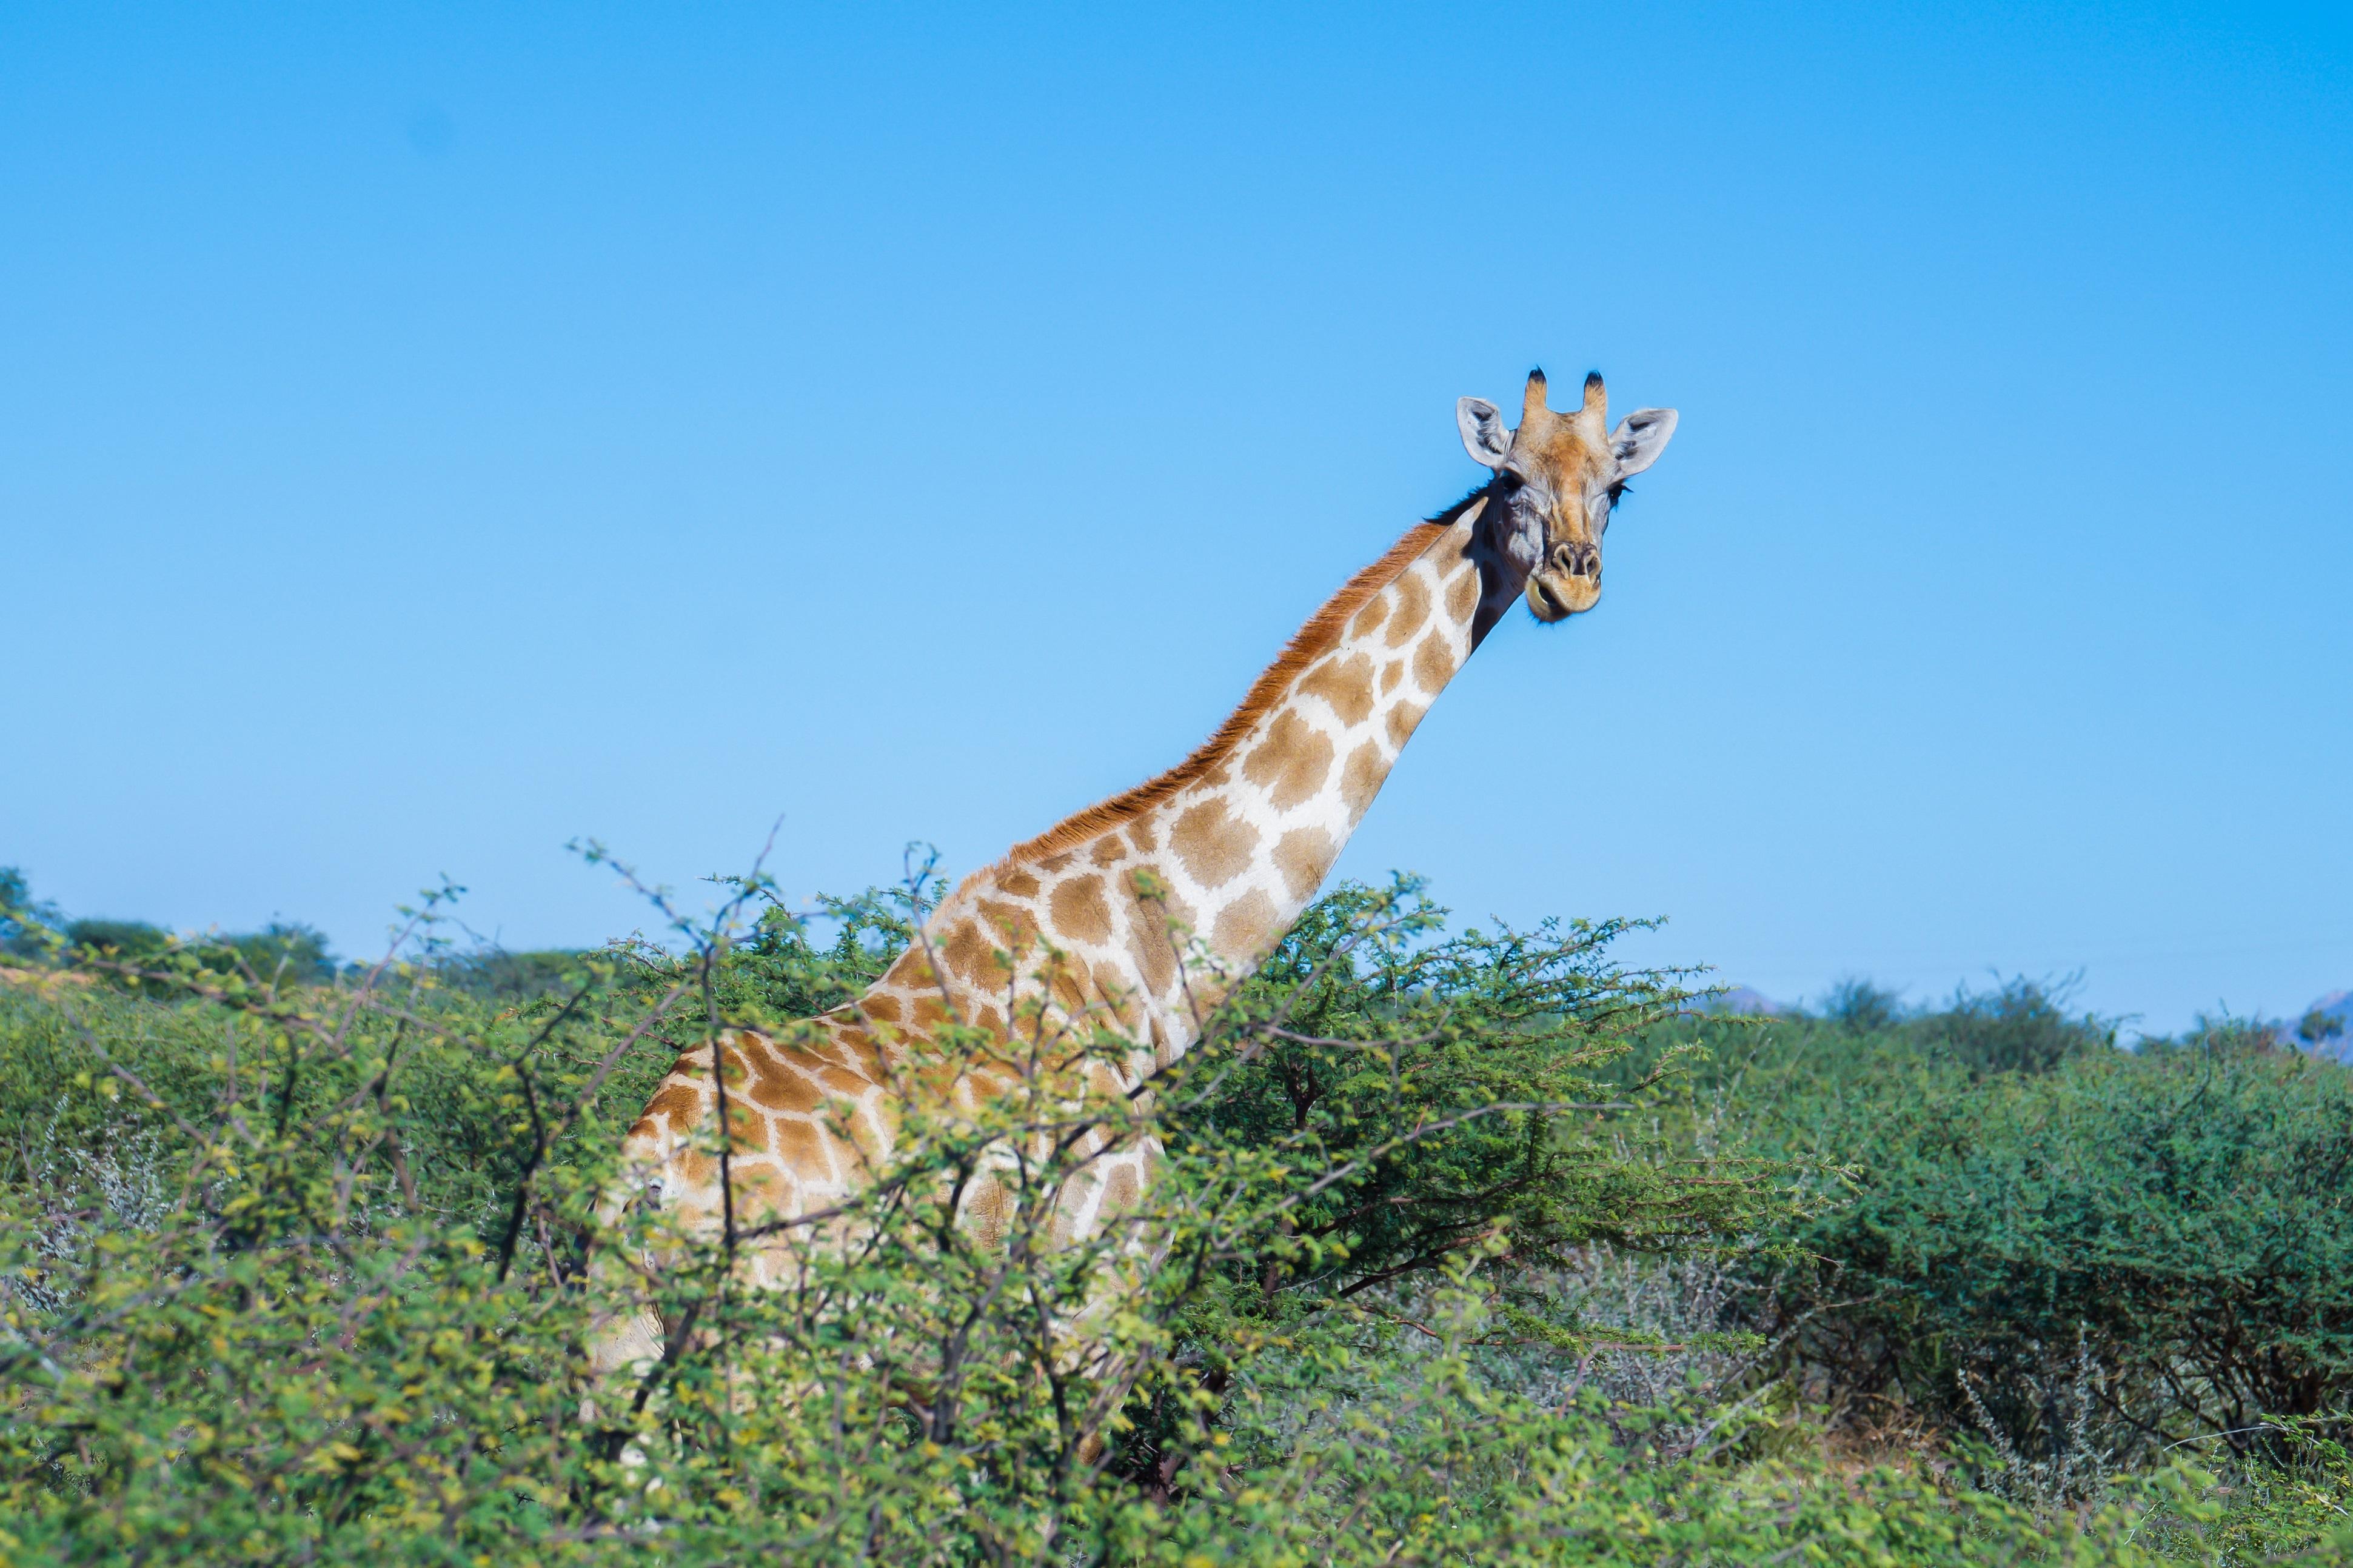 Namibia - den tham thung lung chet, thanh pho ma va dieu khong tuong hinh anh 28